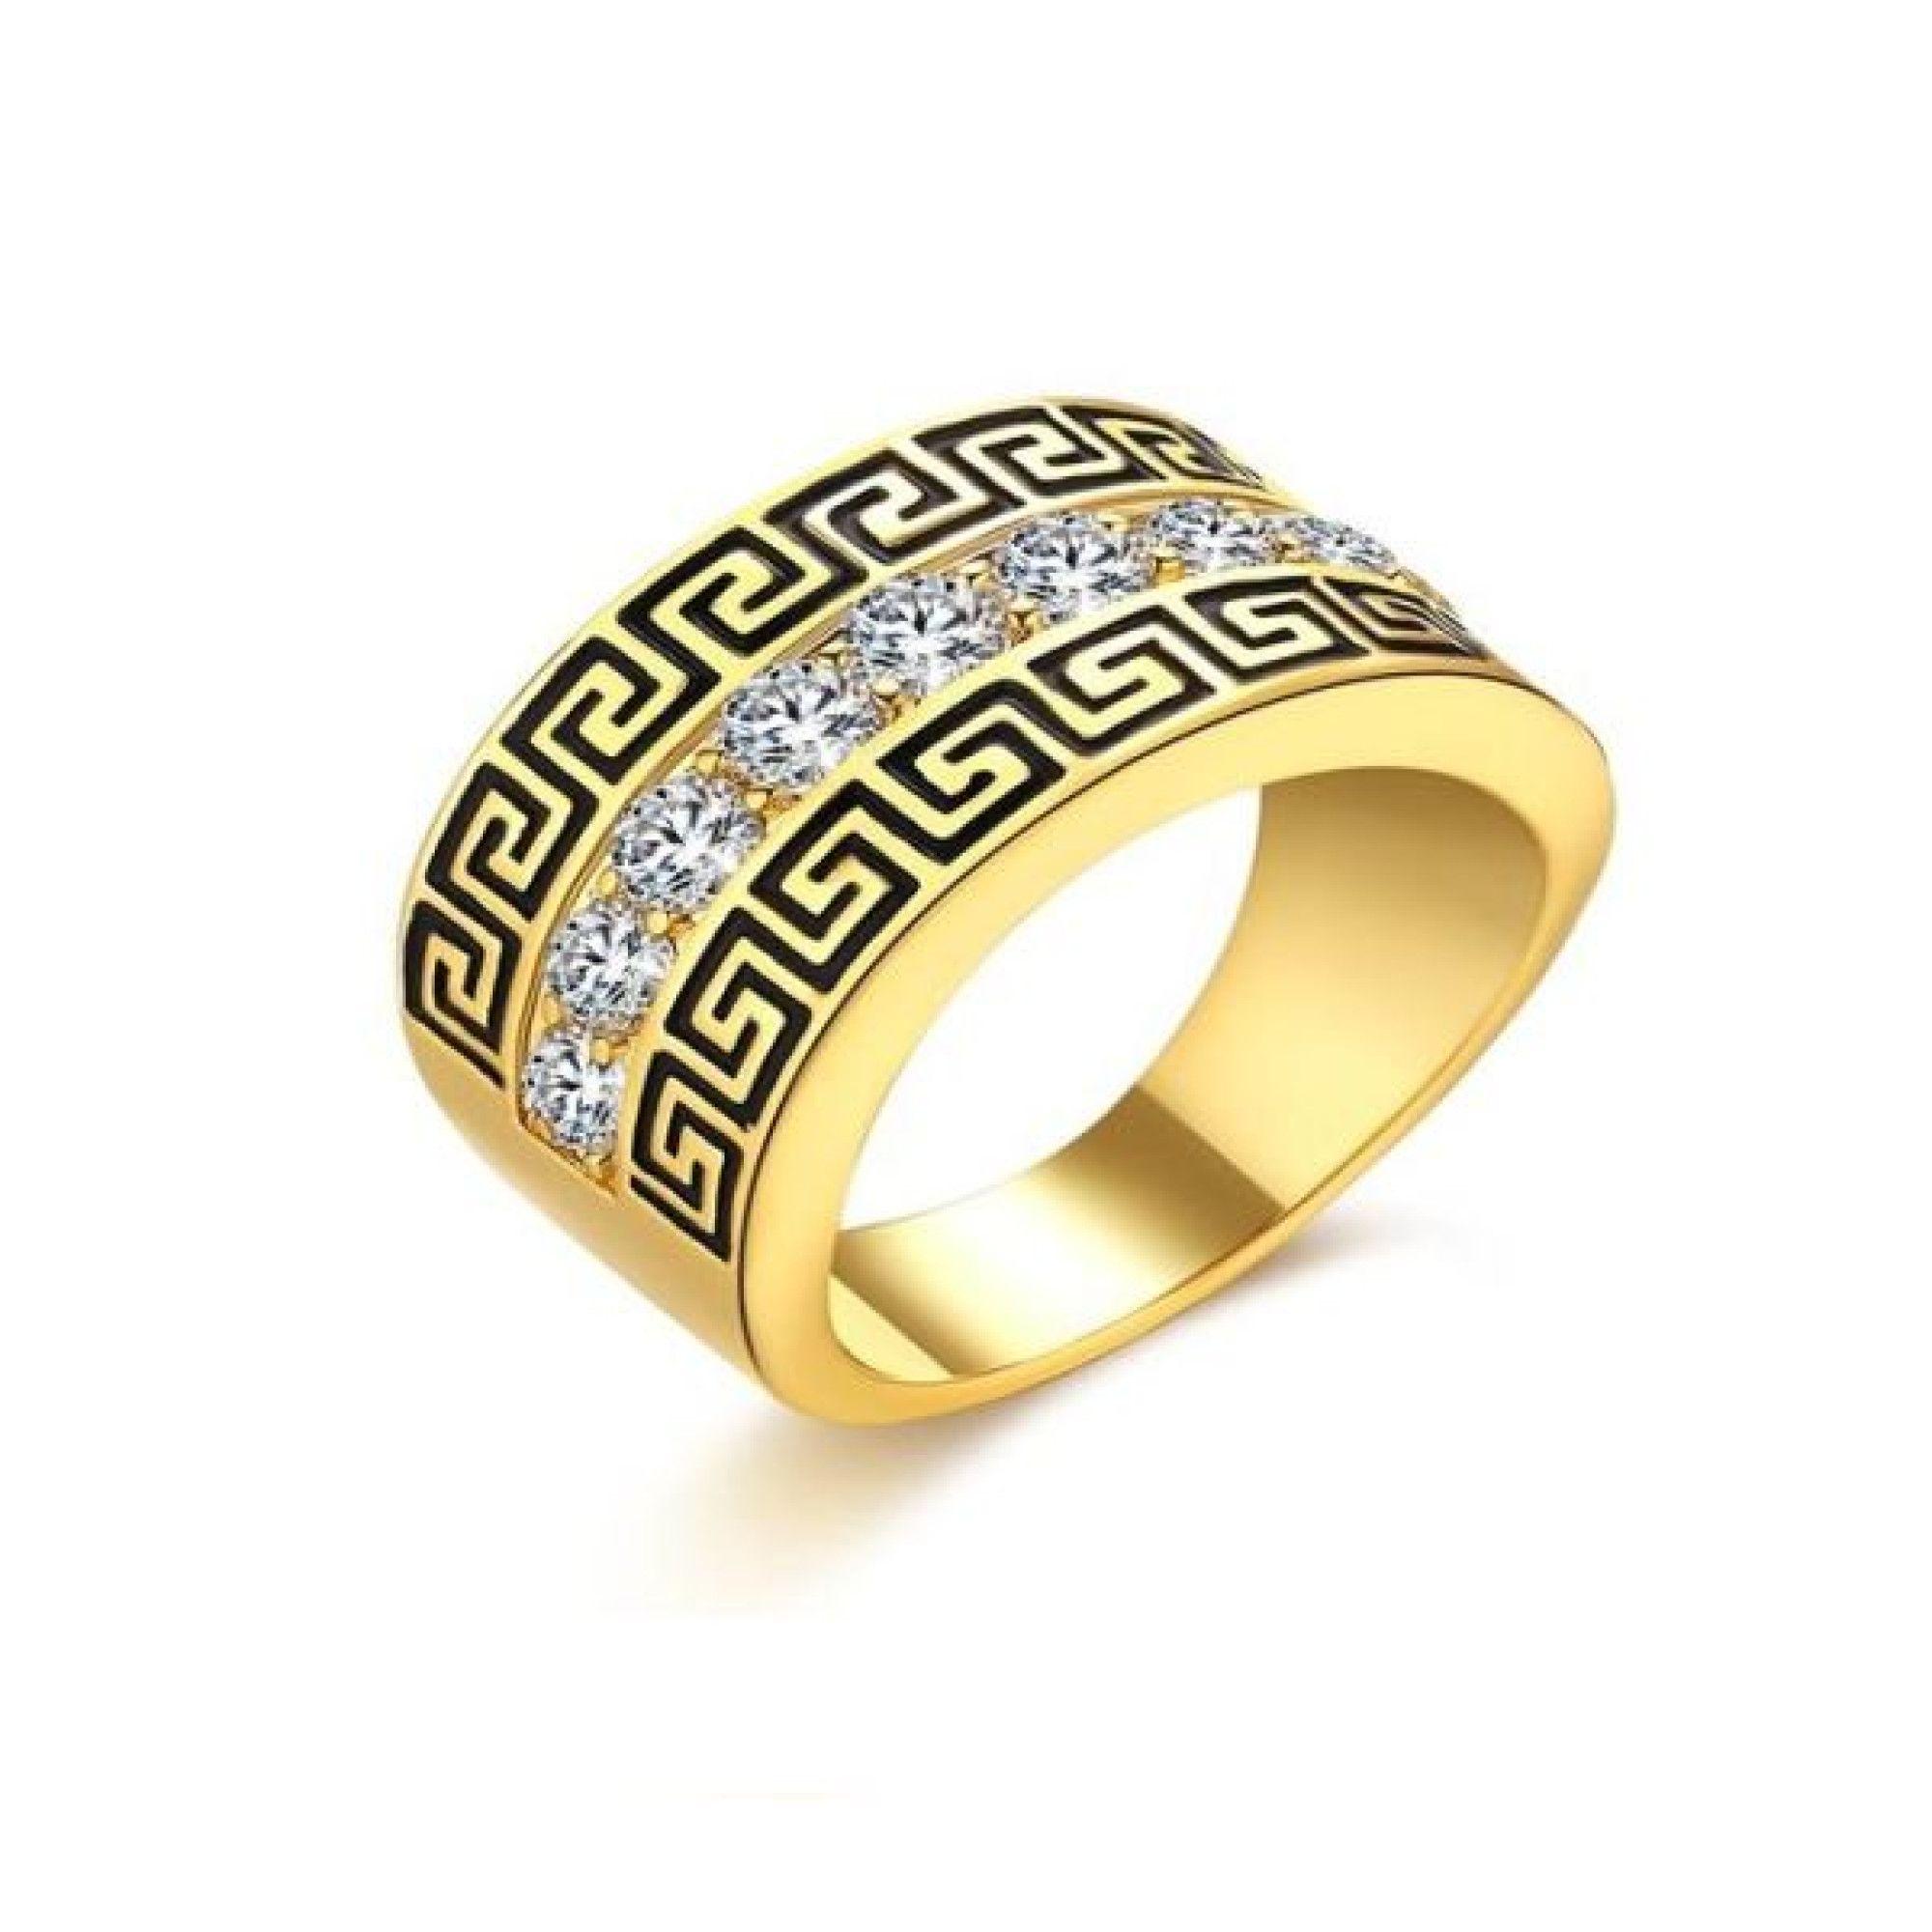 Versace Style Inel Placat Cu Aur De 18 K Model Verigheta Cu Un